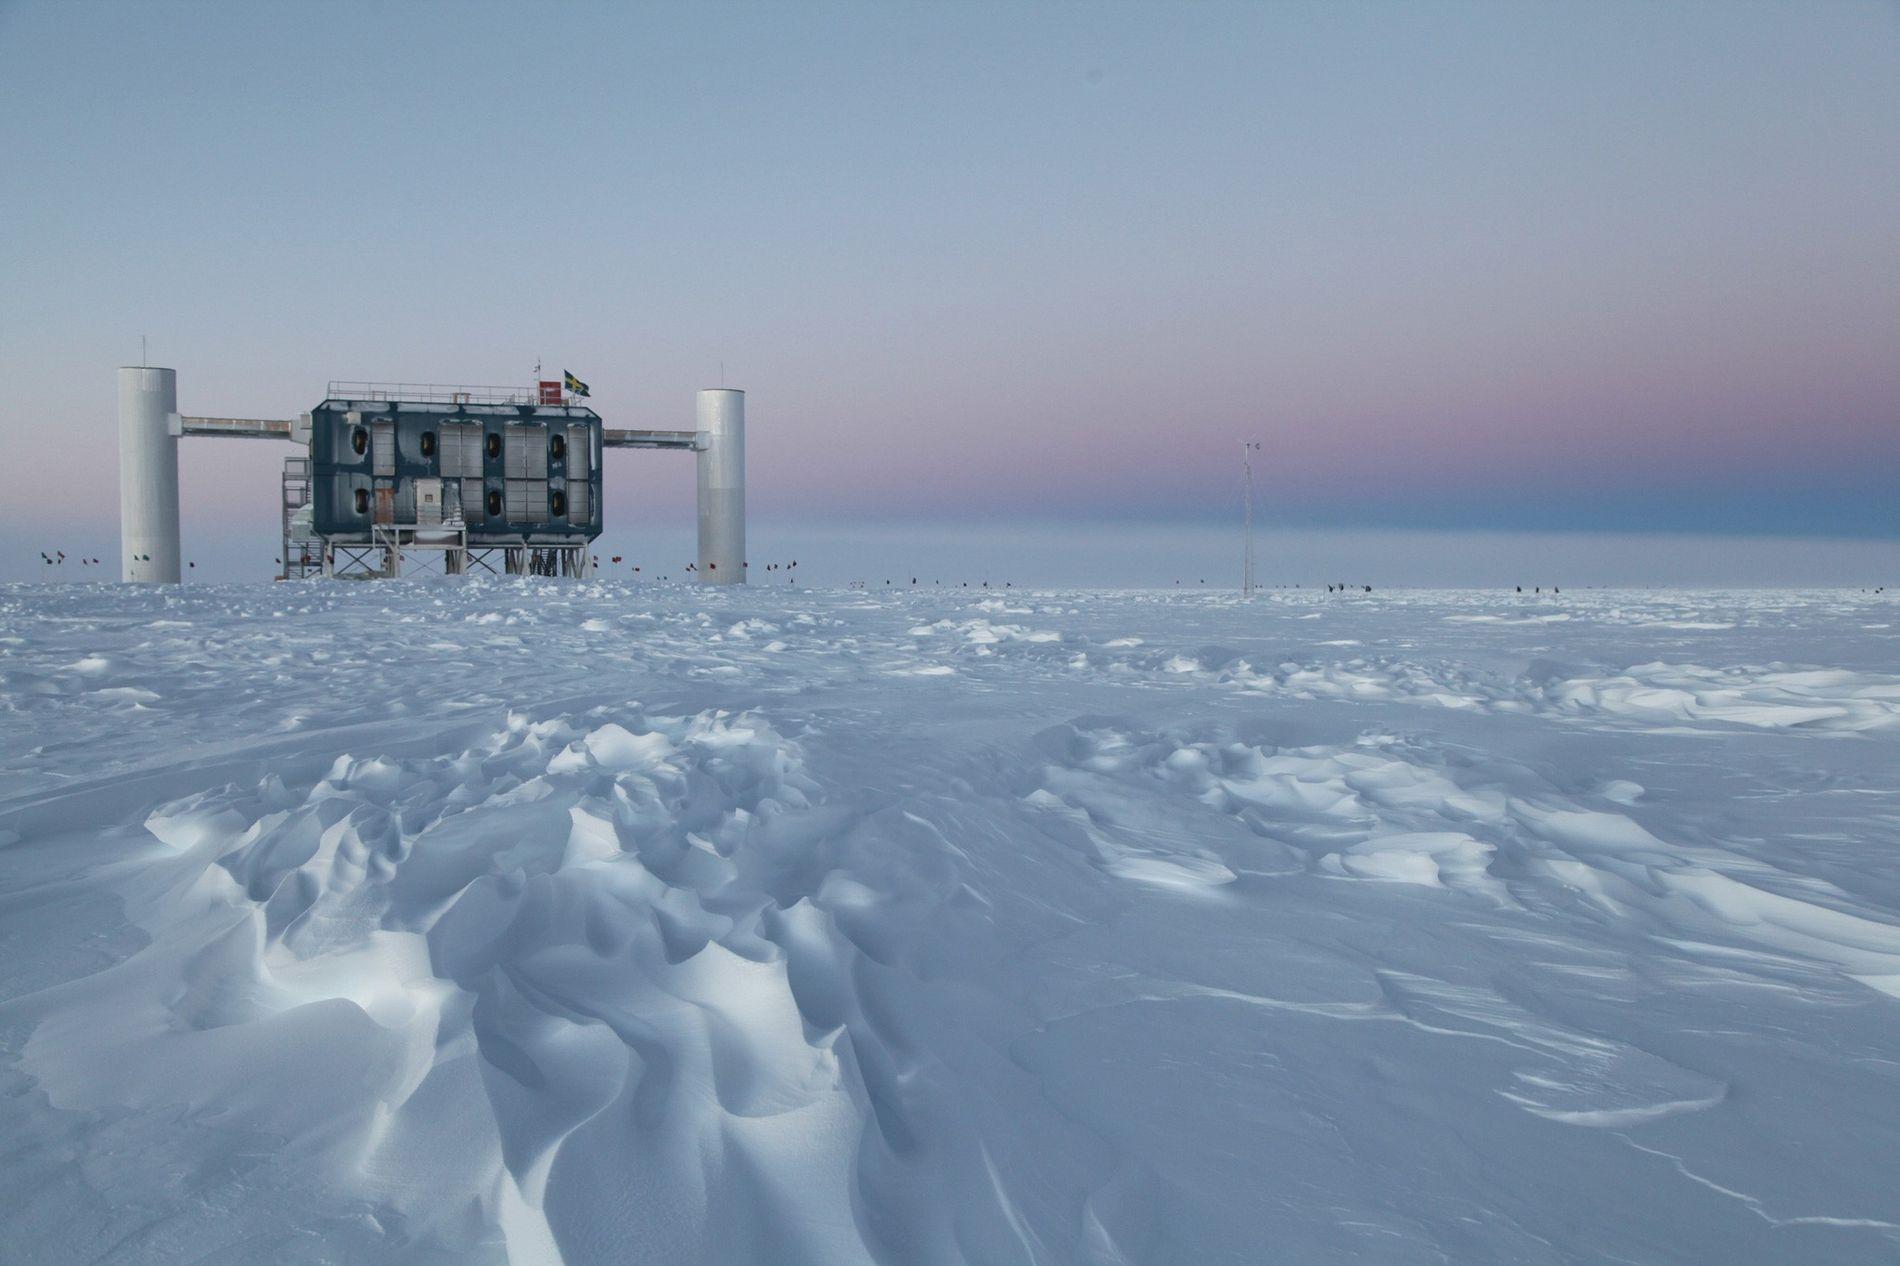 Das IceCube Neutrino Observatory, der größte Neutrinodetektor der Welt, misst tief unter dem Eis der Amundsen-Scott-Südpolstation ...